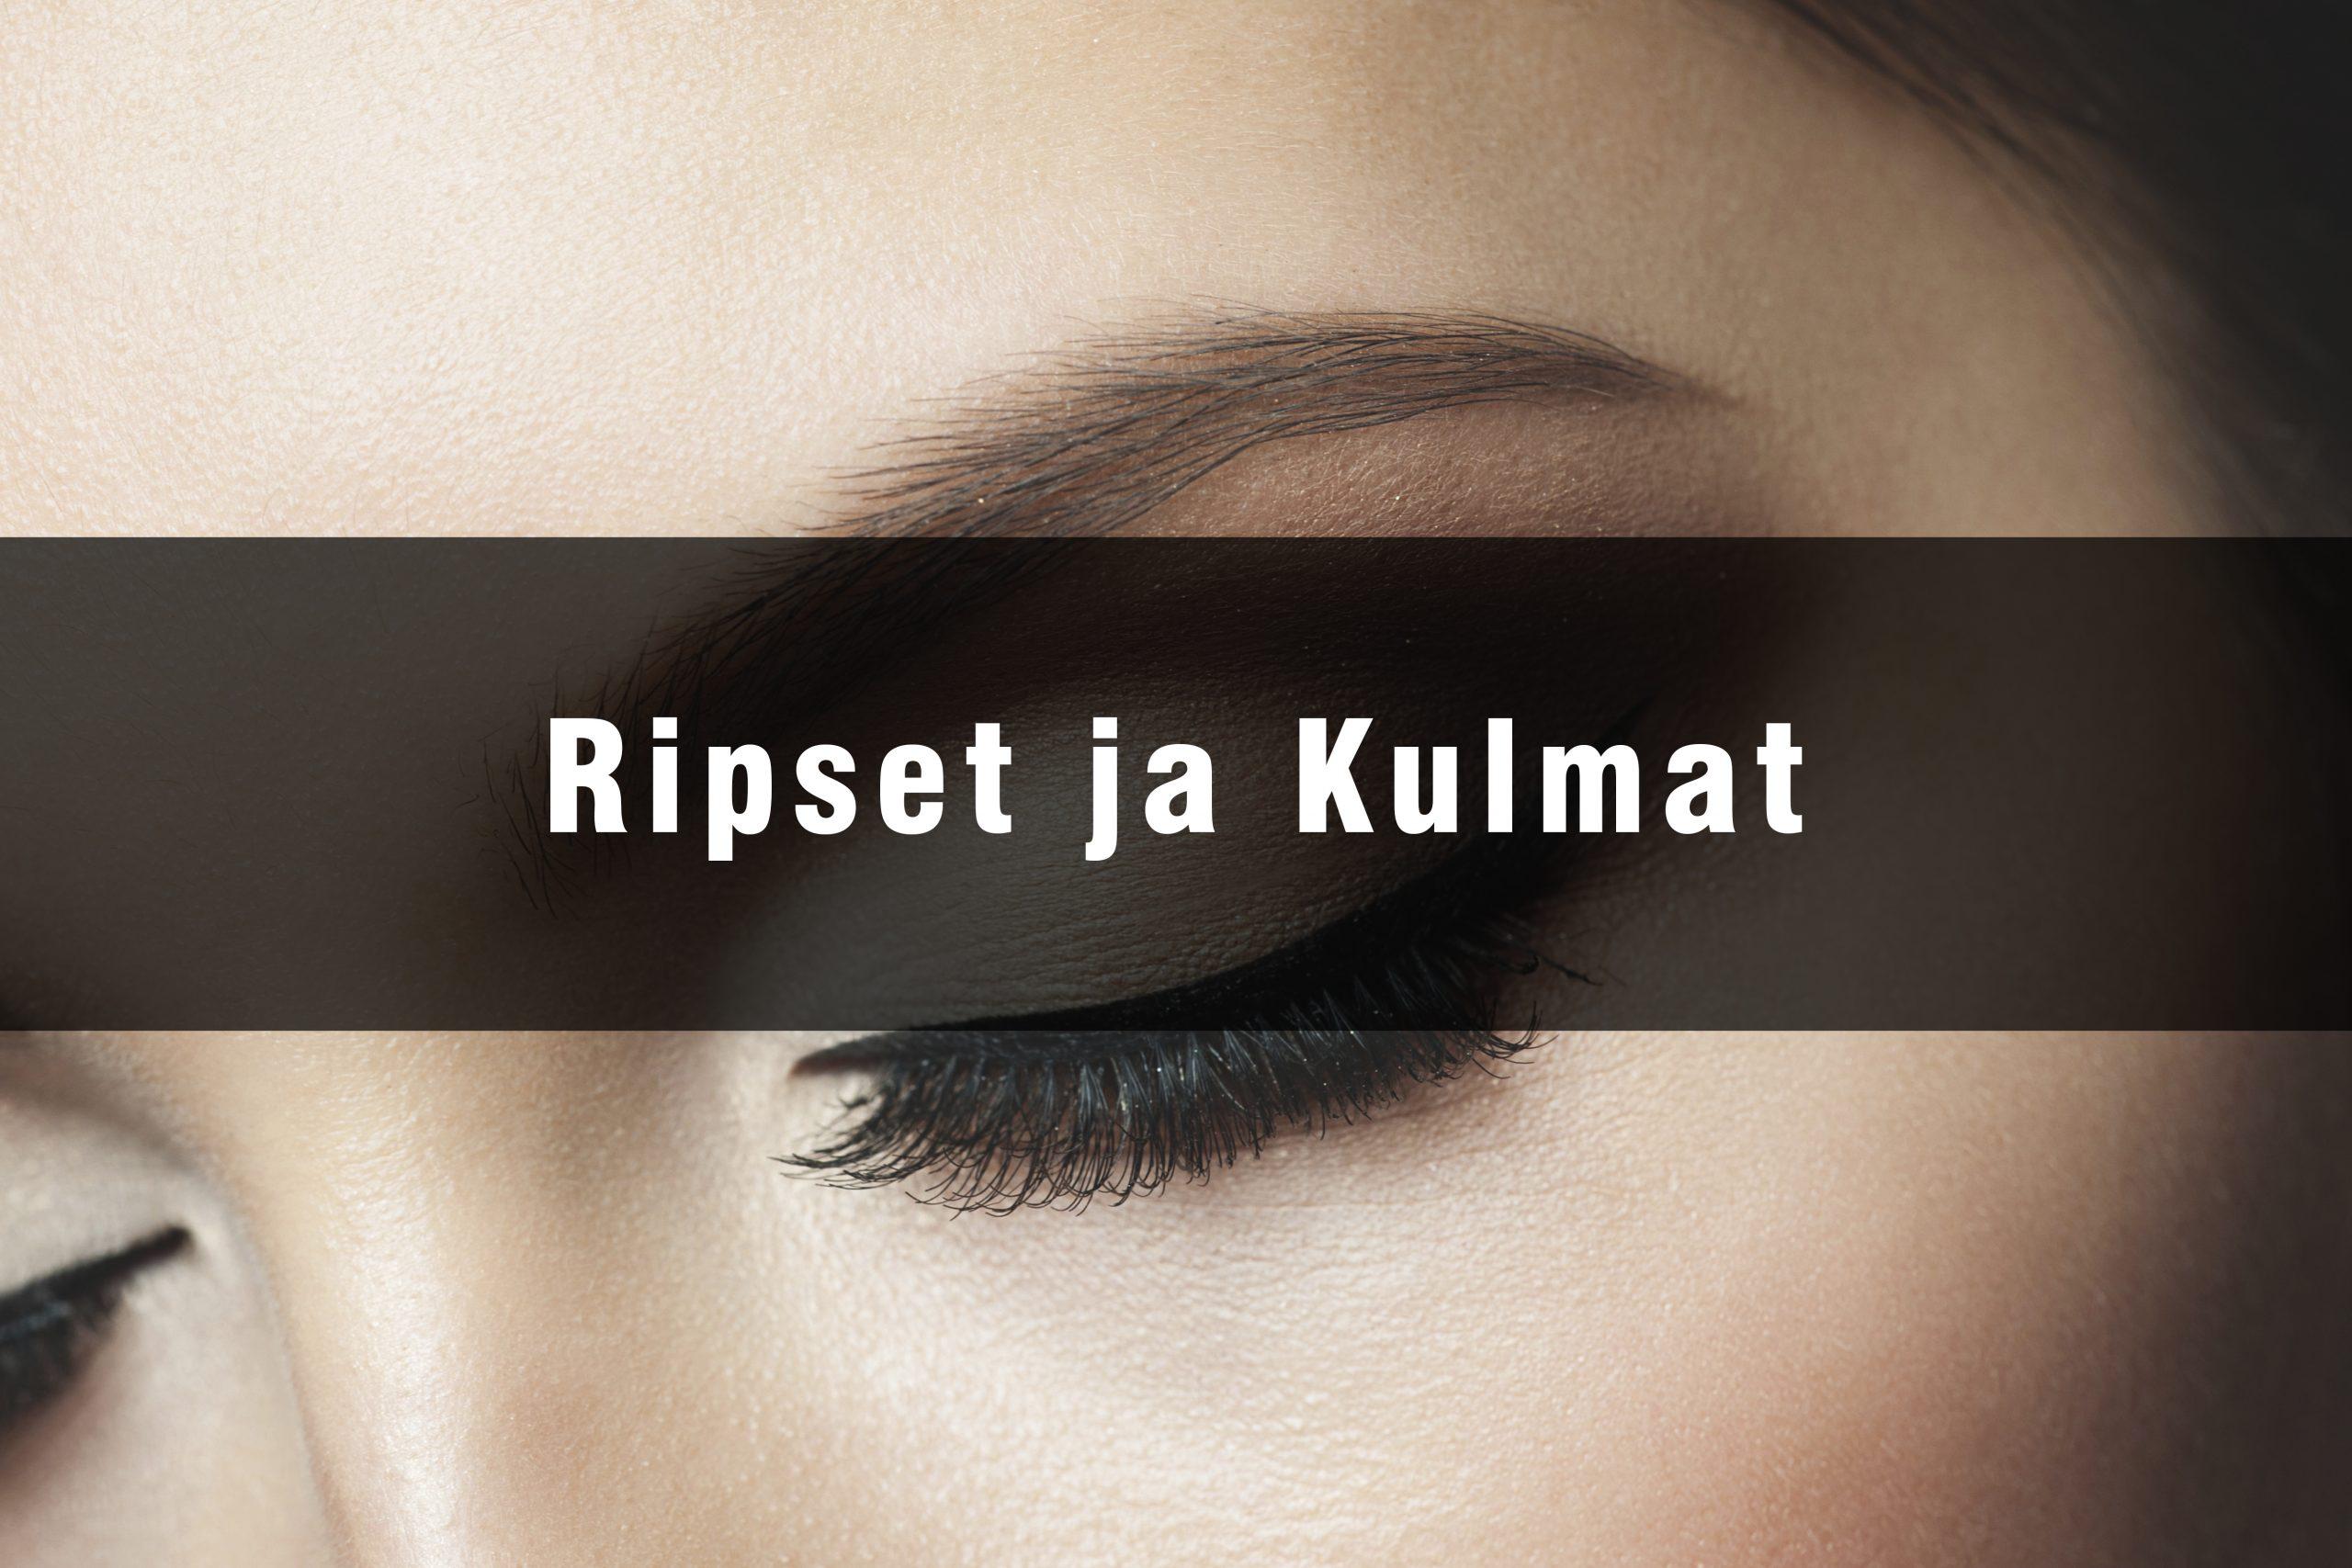 ripsi_kulma